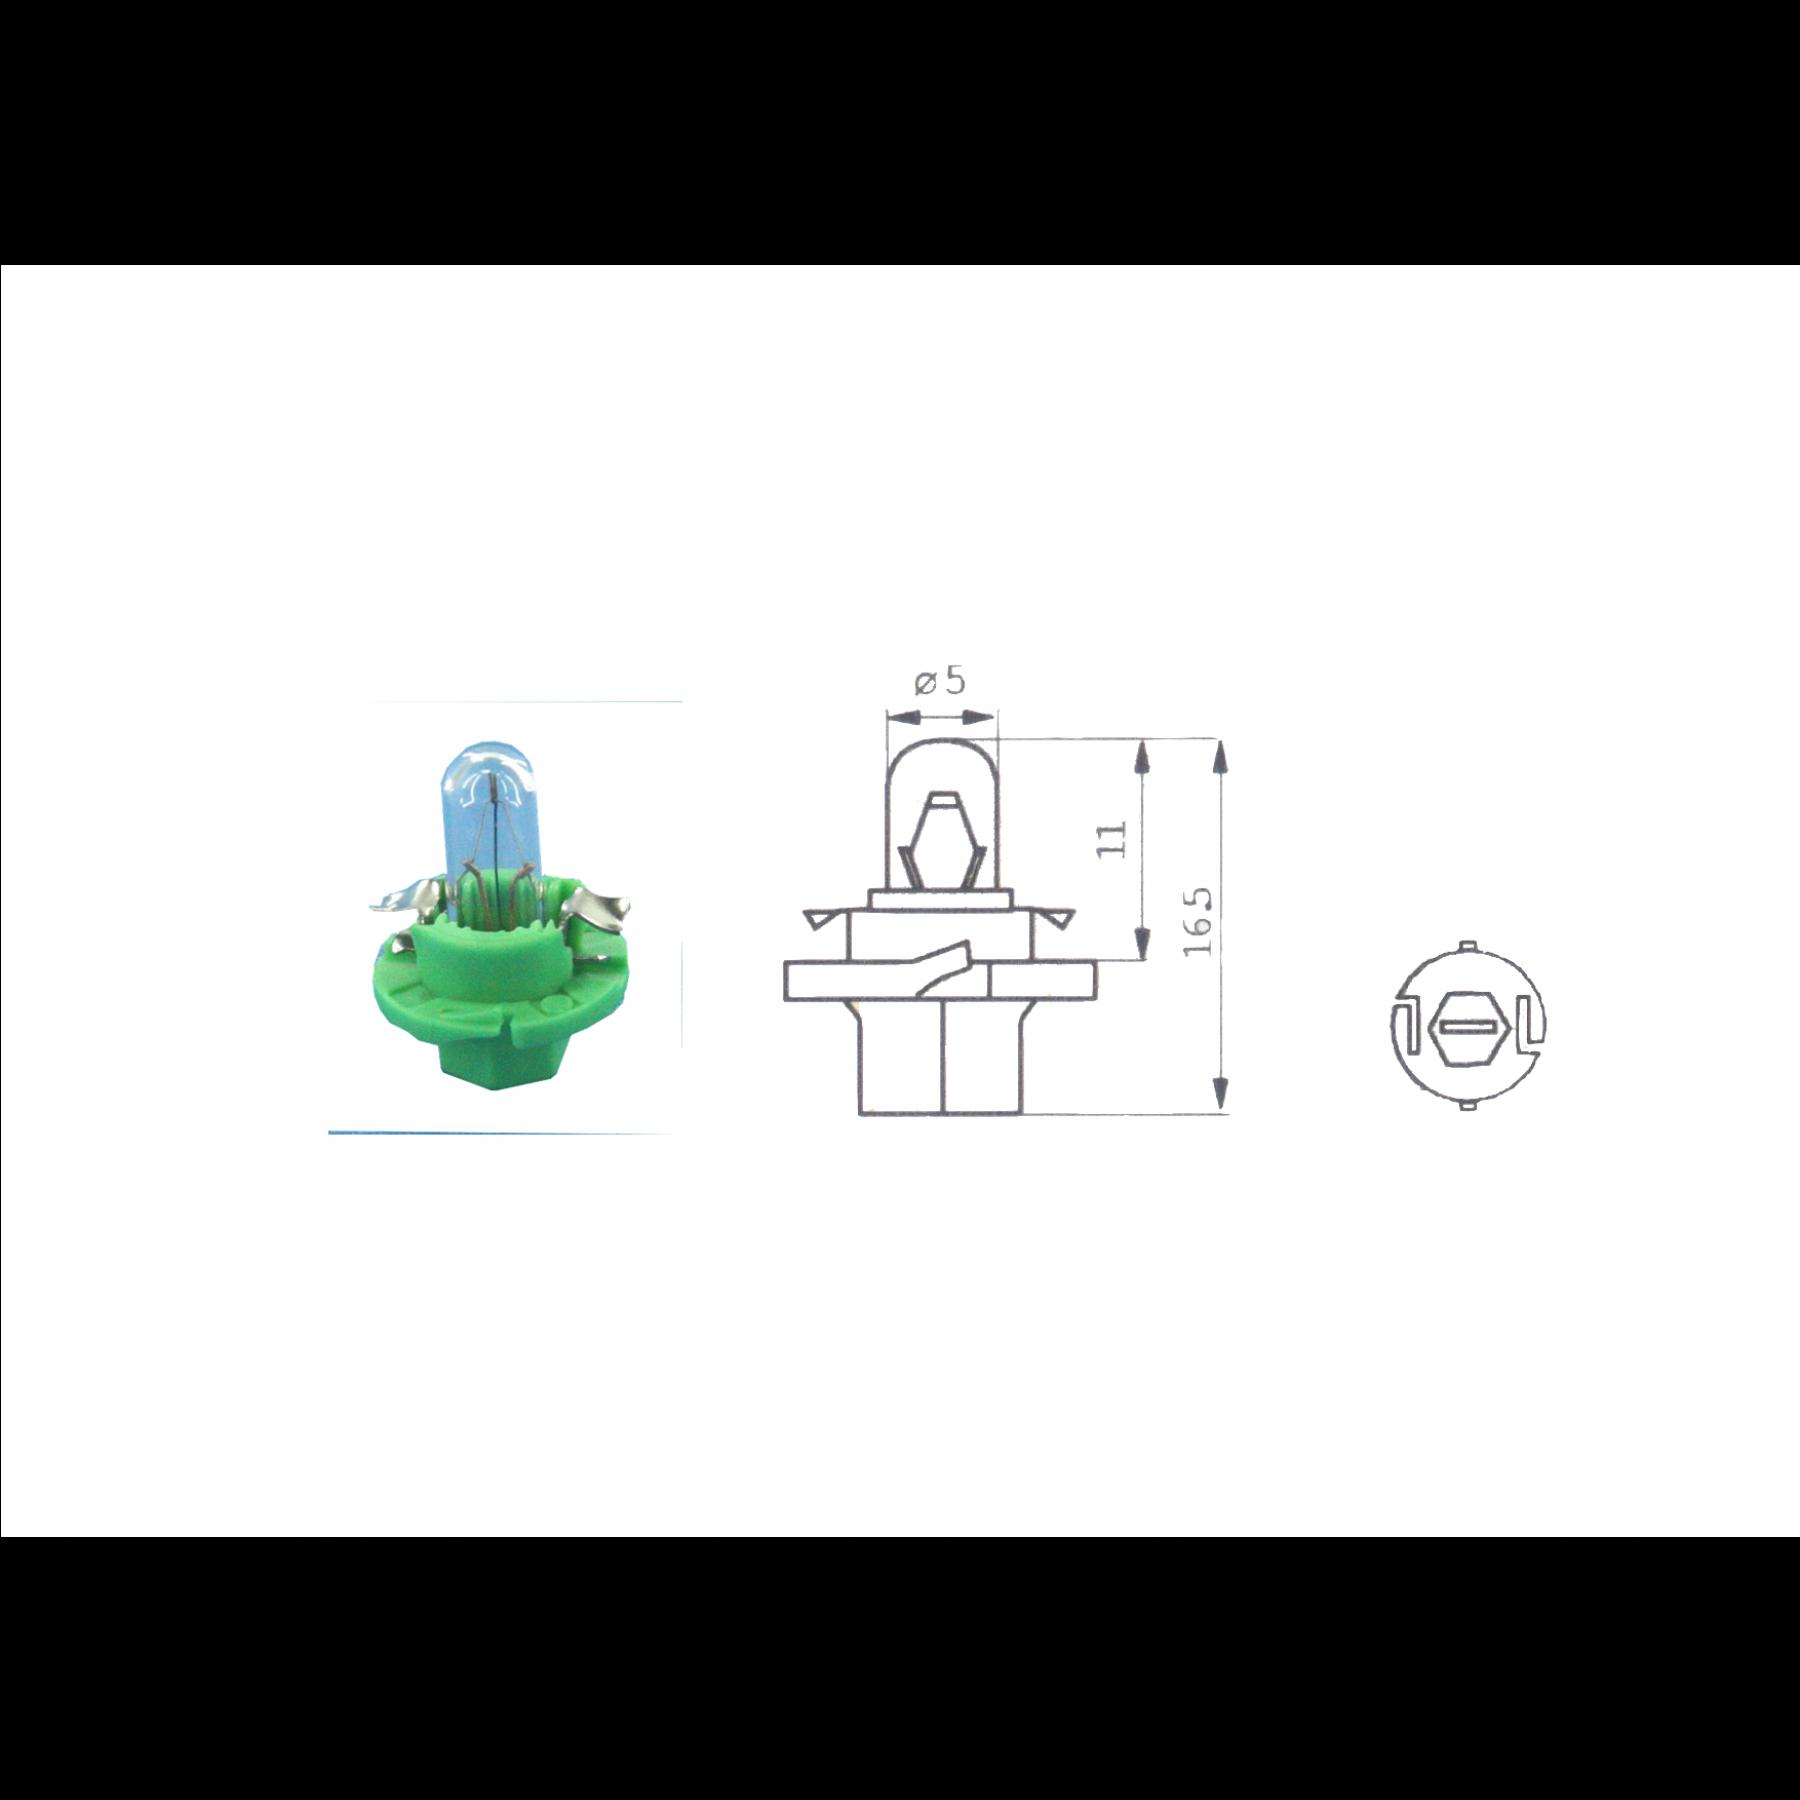 Lamp 12V 2W Mint groen BX8.4D kunststof fitting